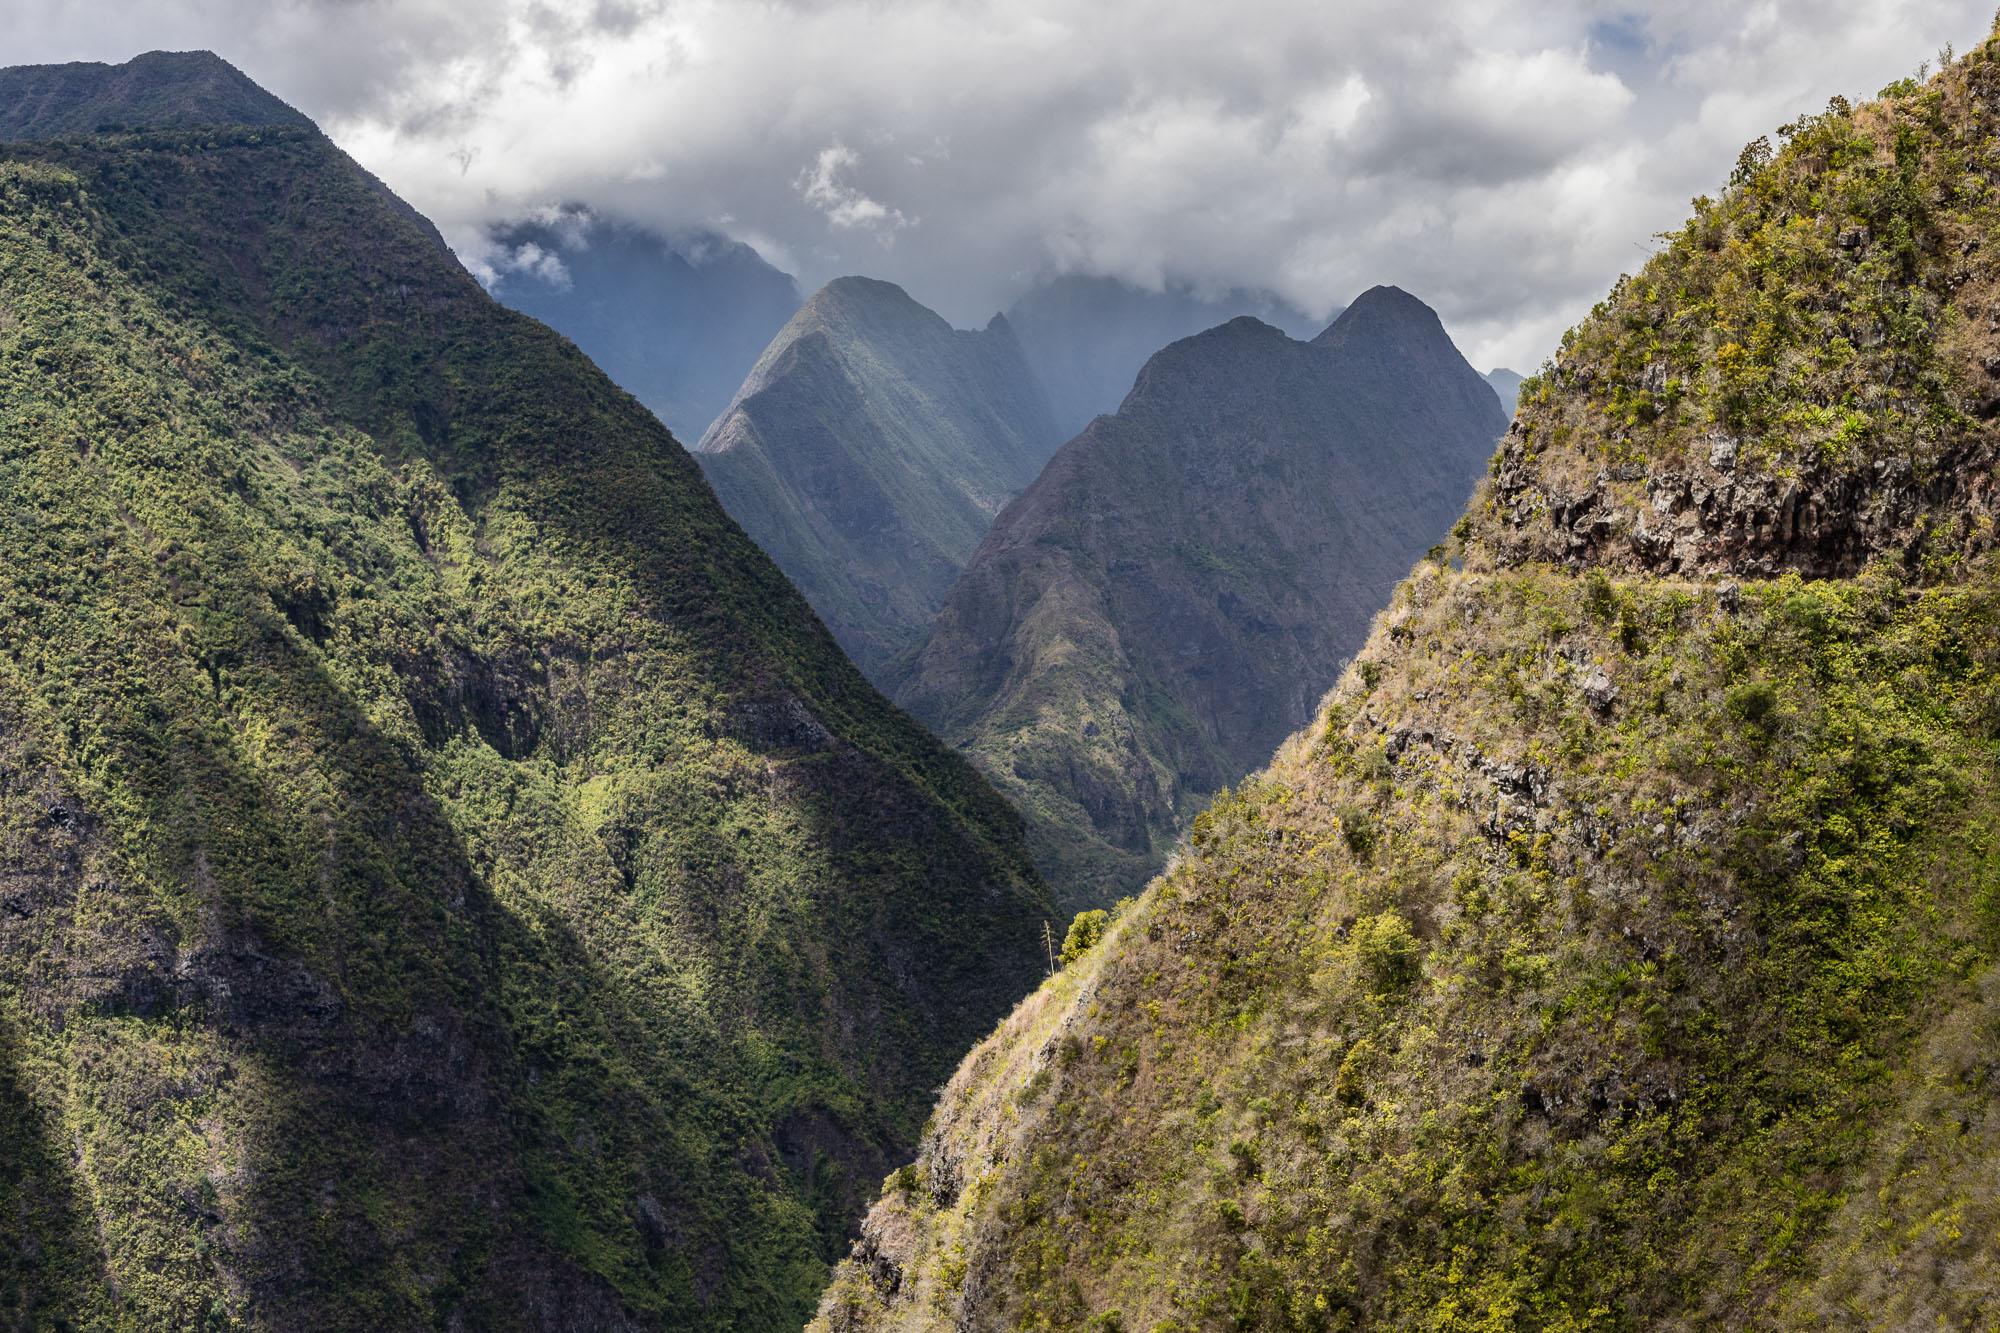 Montgnes et pitons de Mafate, La Réunion